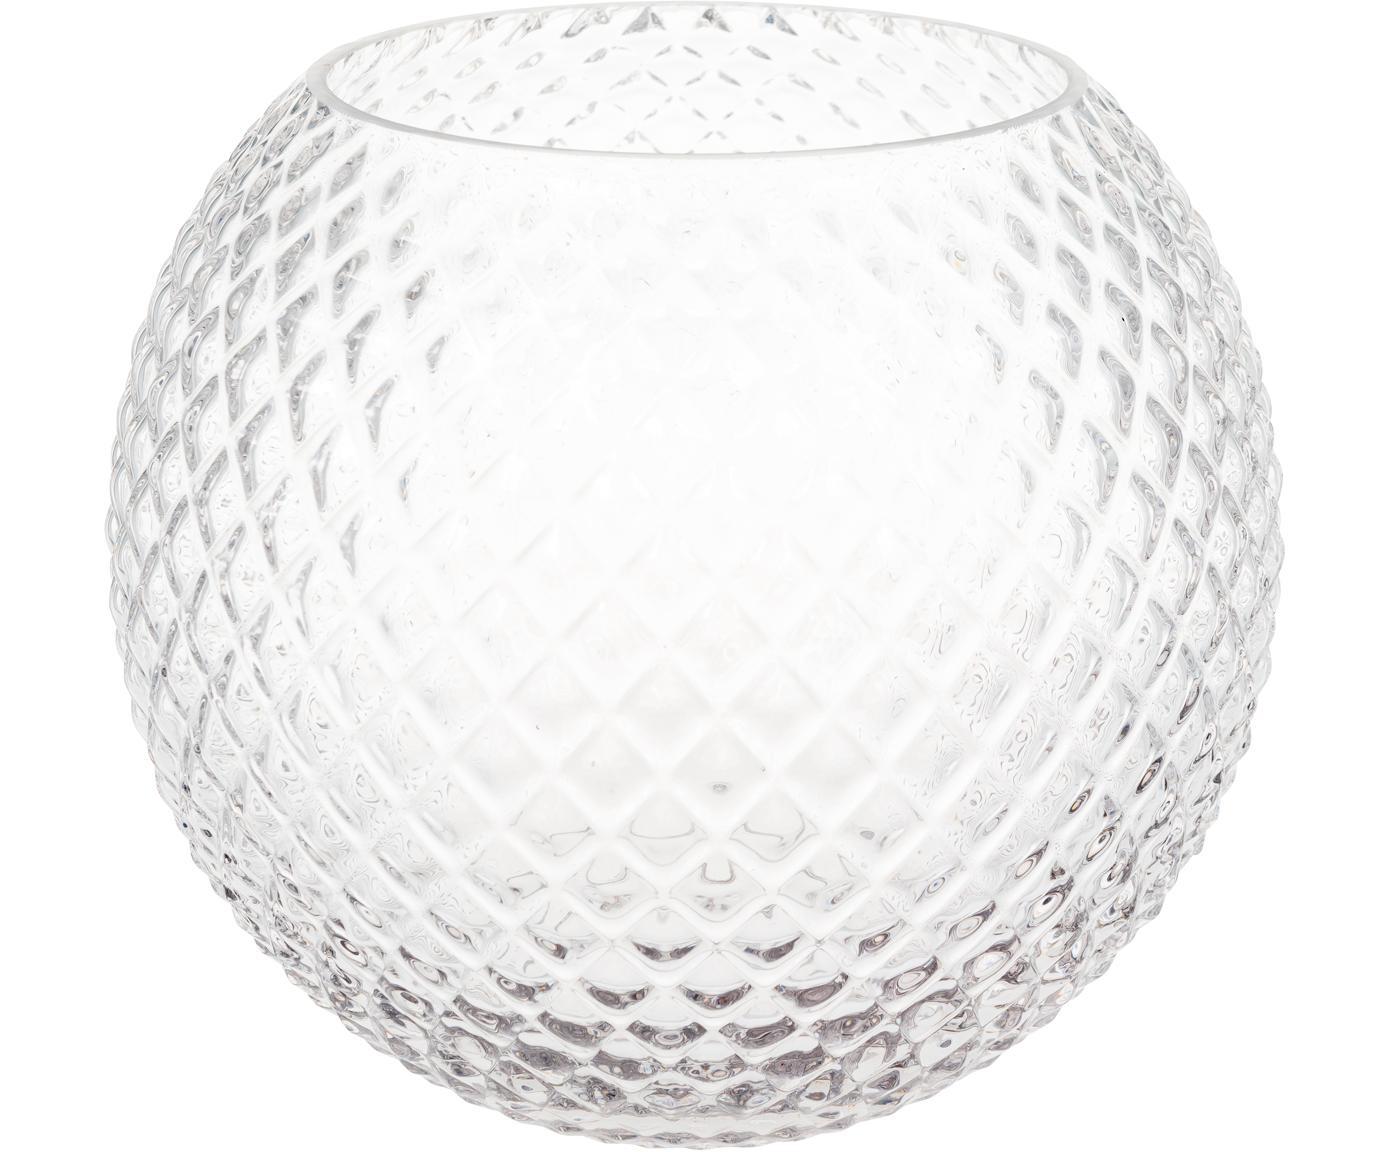 Glas-Vase Ilse, Glas, Transparent, Ø 23 x H 19 cm